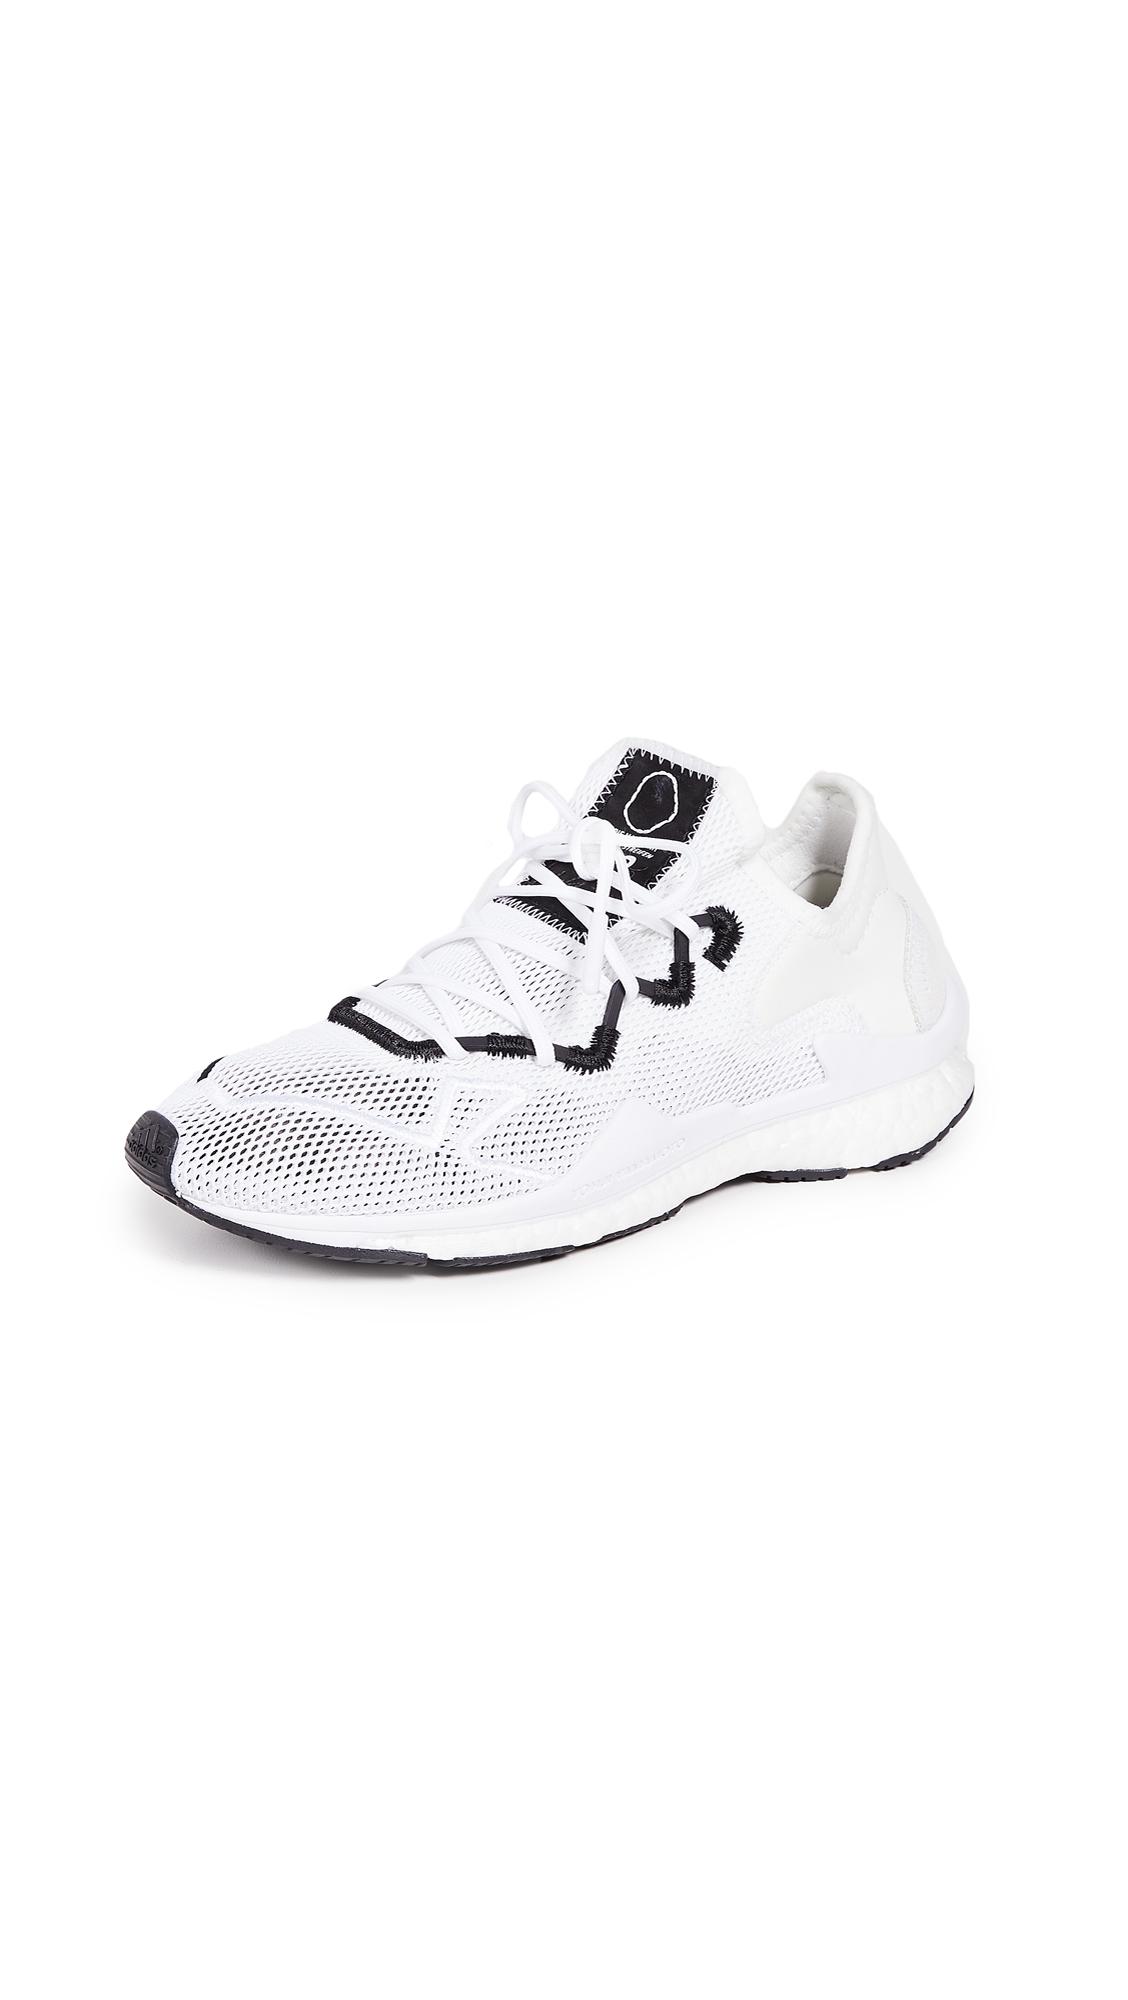 Y-3 Y-3 Adizero Runner Sneakers - White/Black